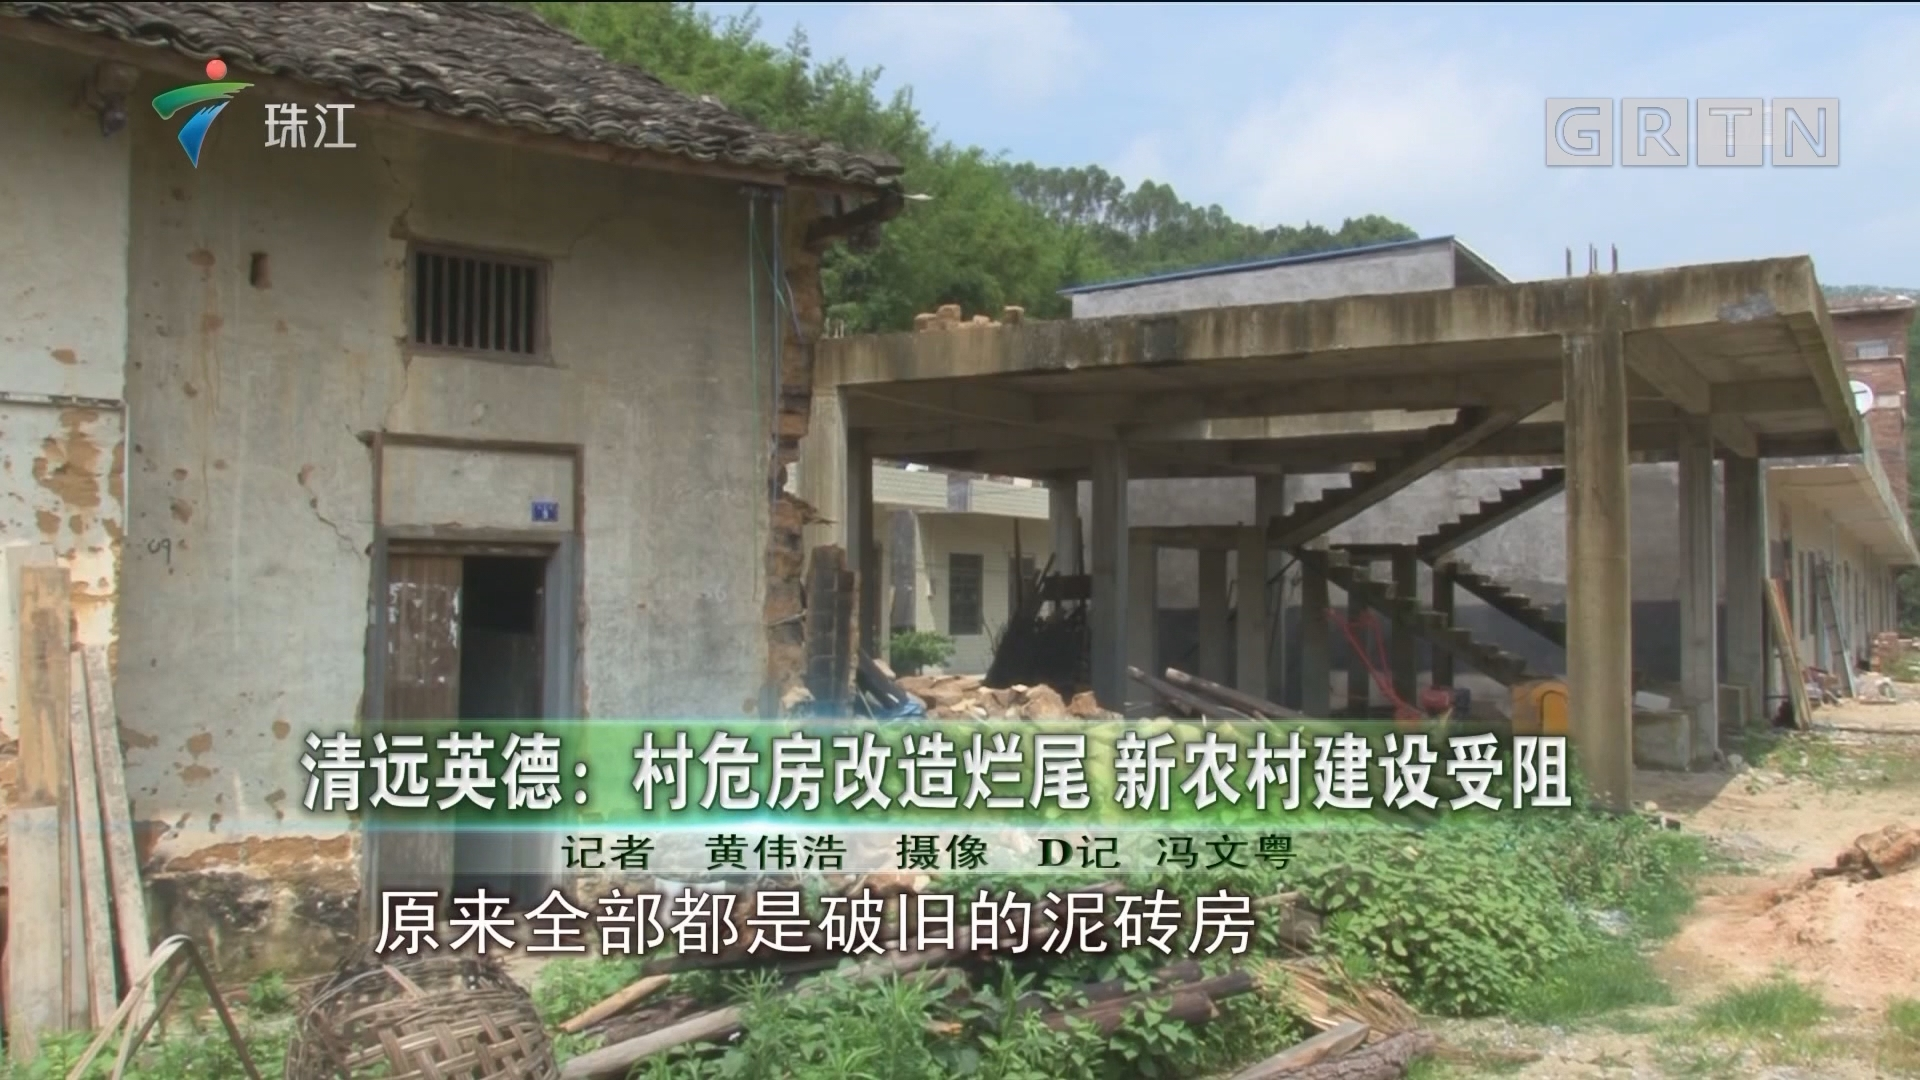 清远英德:村危房改造烂尾 新农村建设受阻